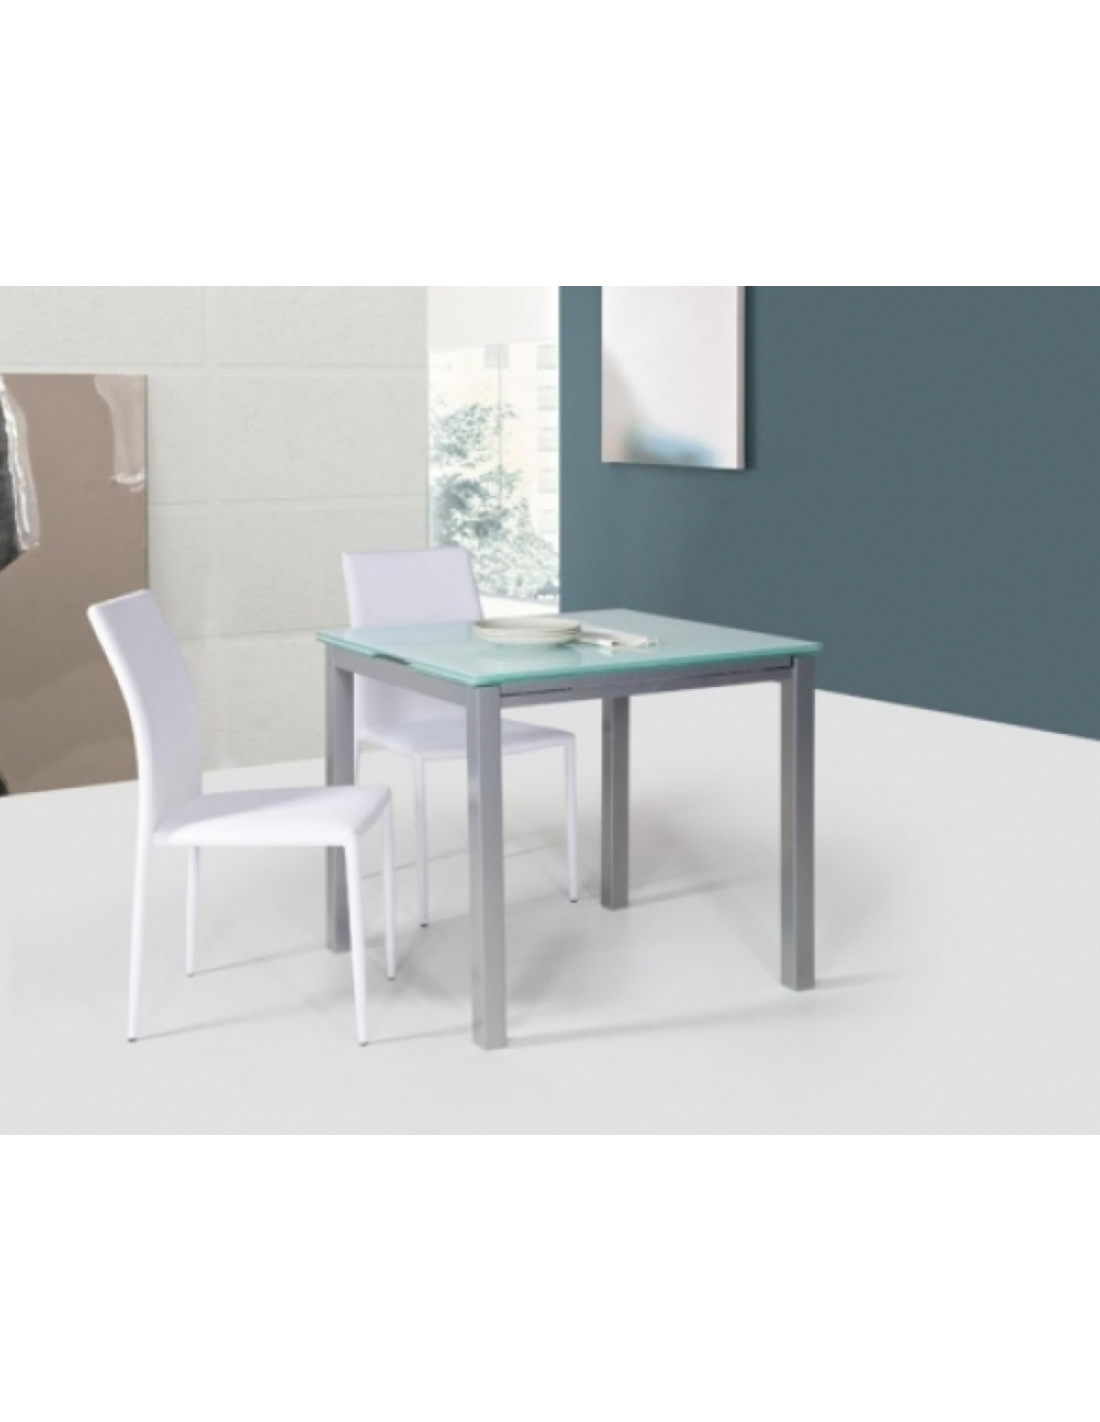 Tavolo in metallo quadrato art 2209 80x80 cm for Tavolo quadrato allungabile vetro